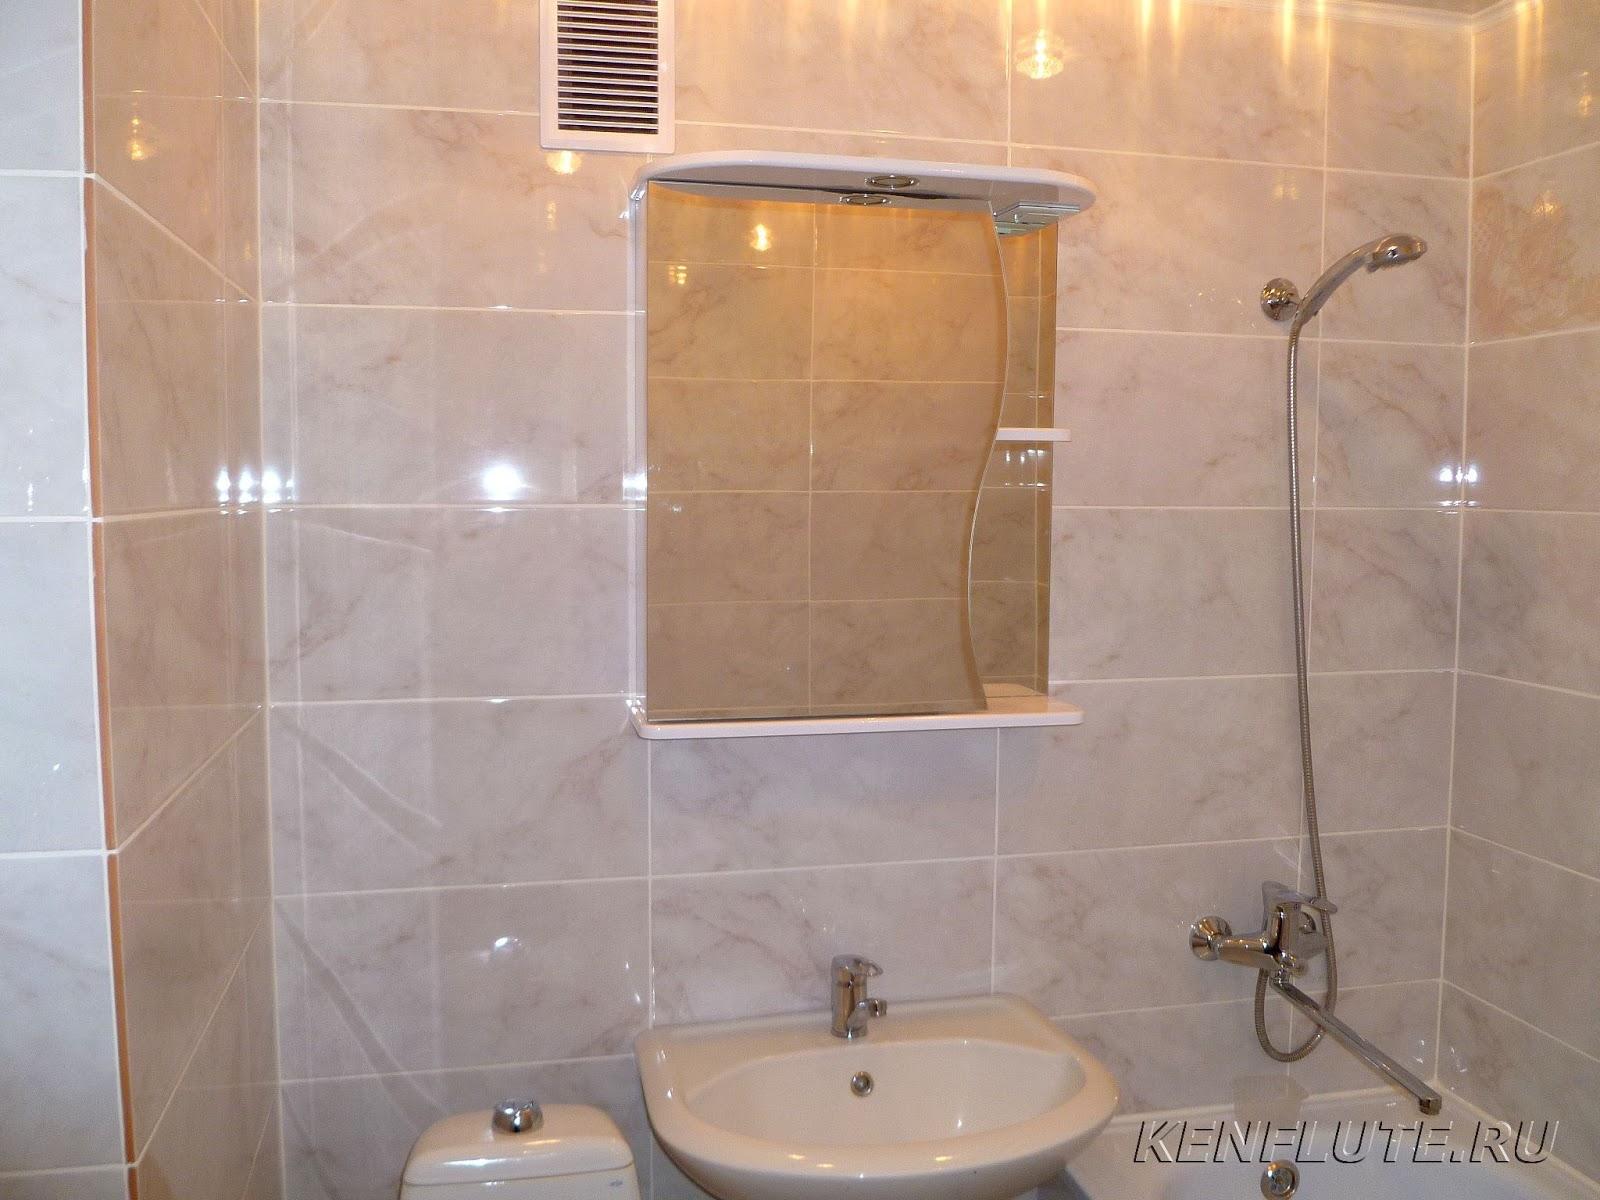 Ванной комнаты уфа фото мебель в сиреневую ванную